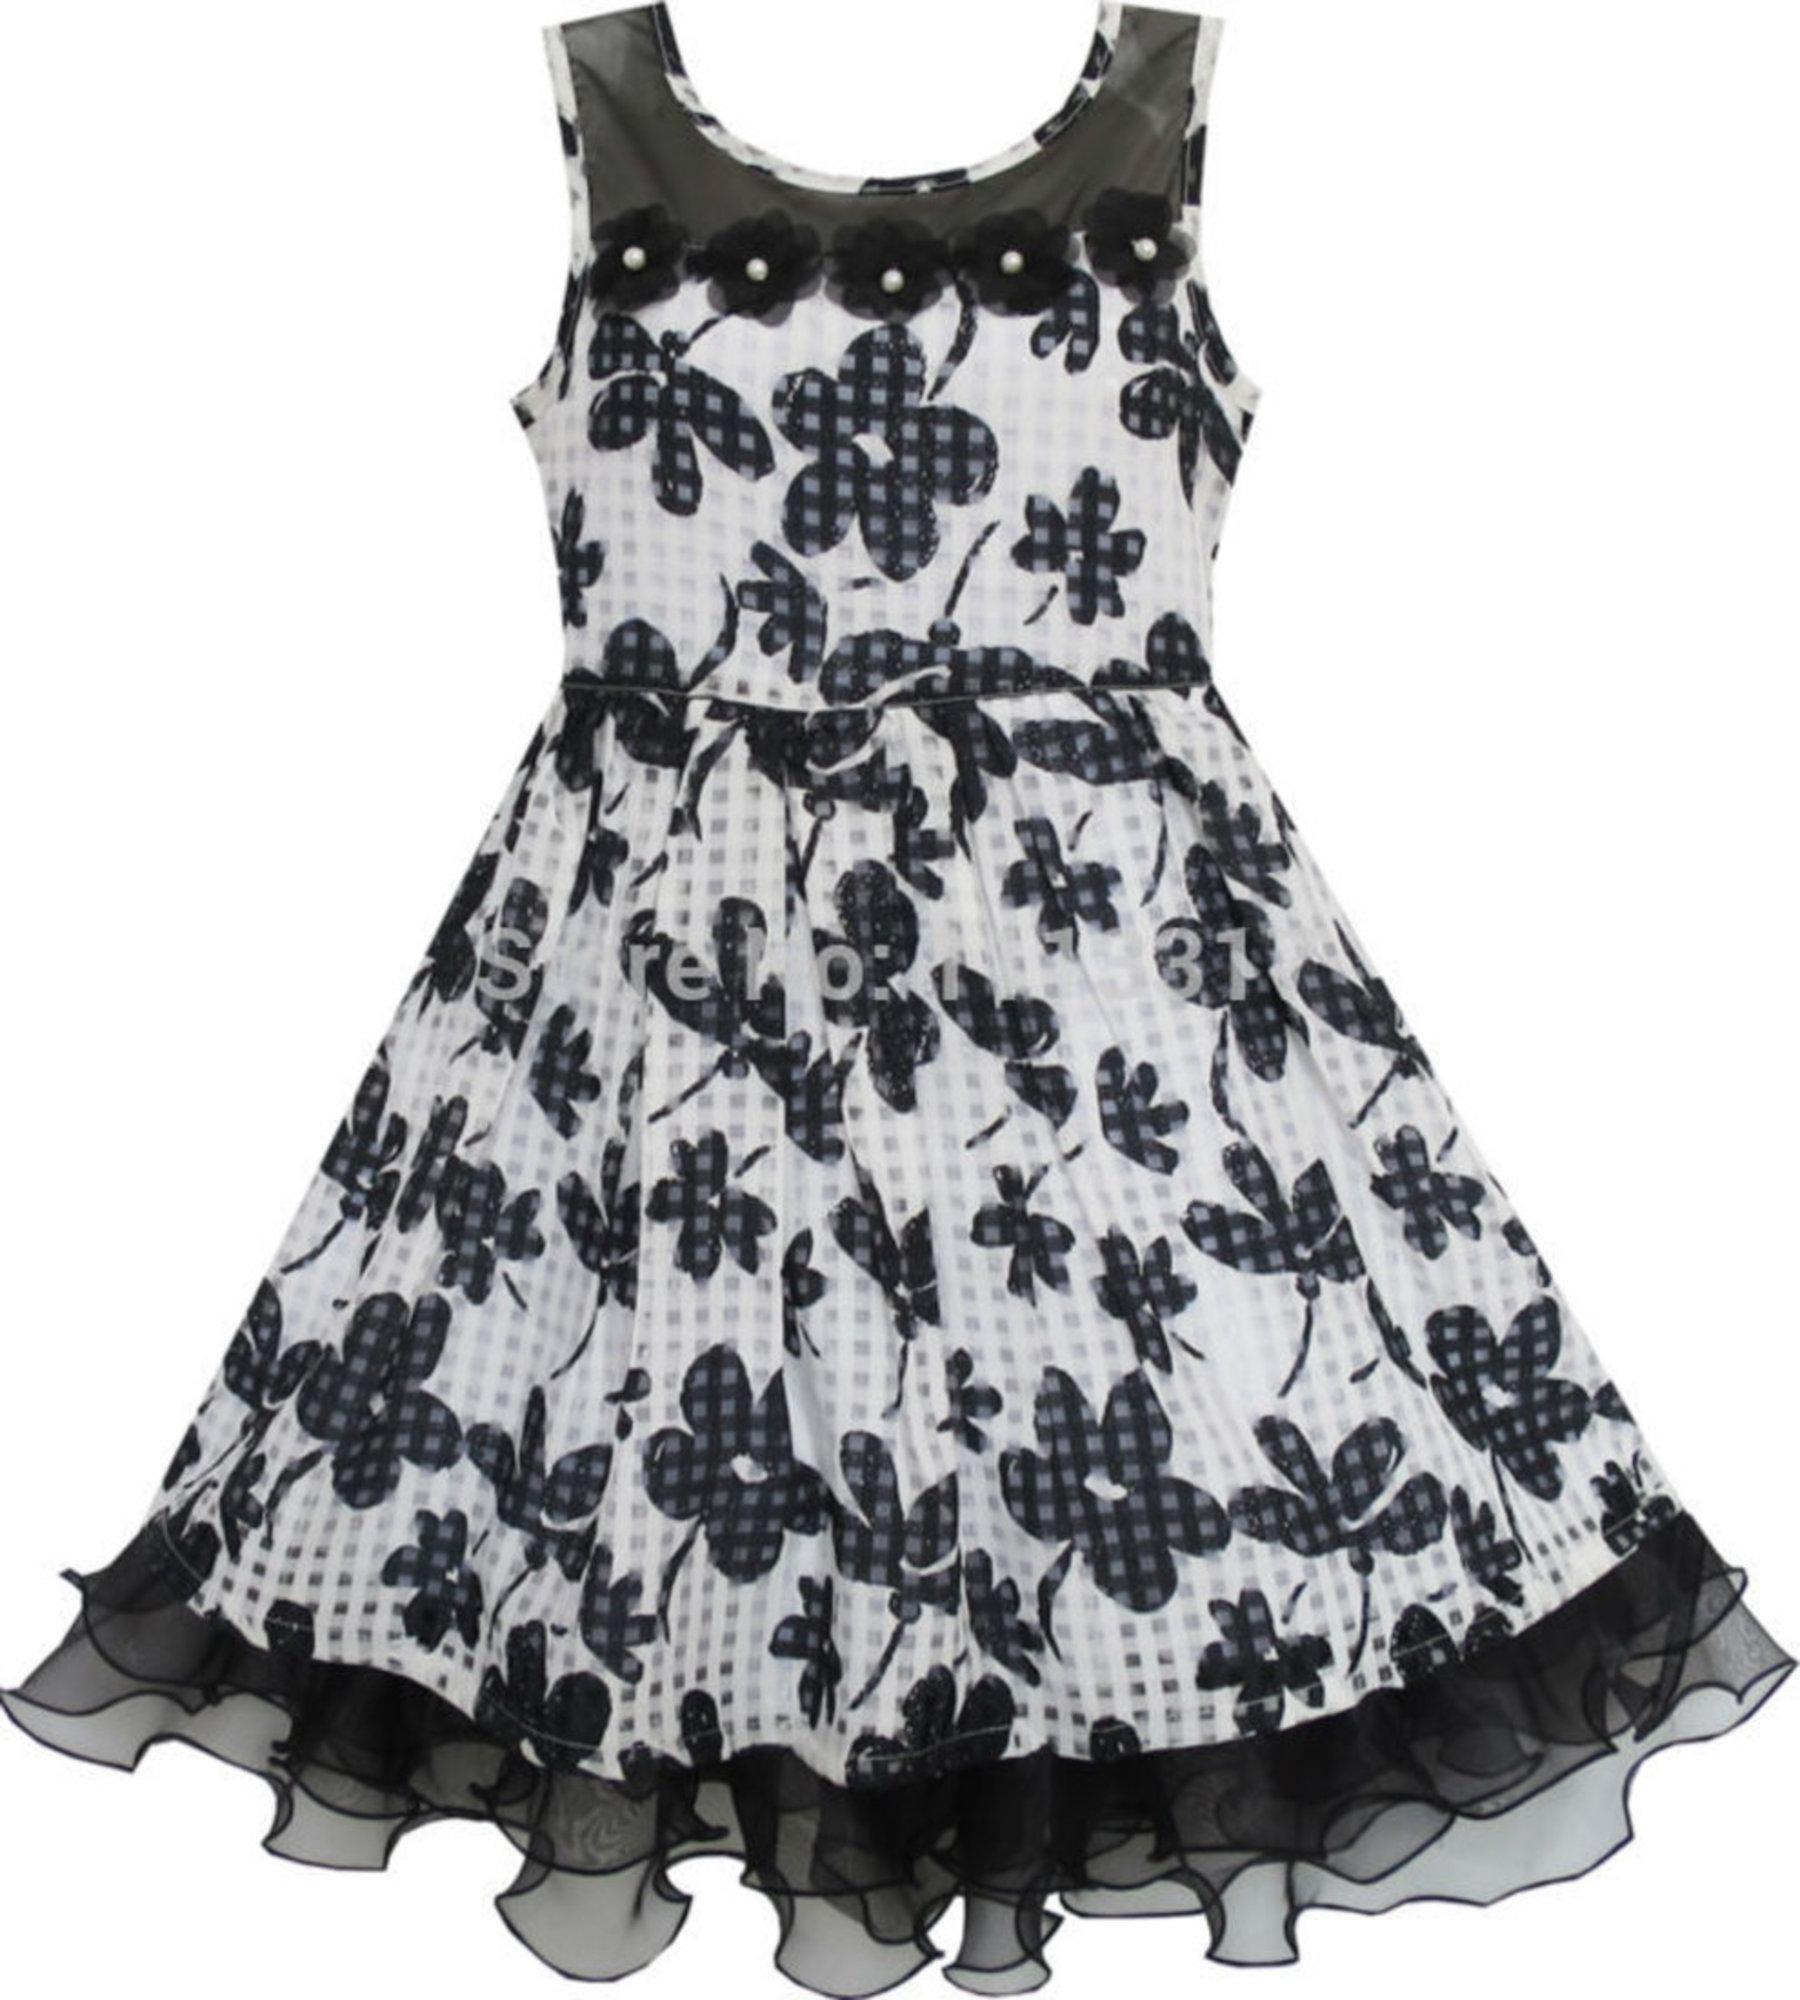 Kinder-Kleid | Chiffonkleid mit Rüschen in Schwarz & Weiß